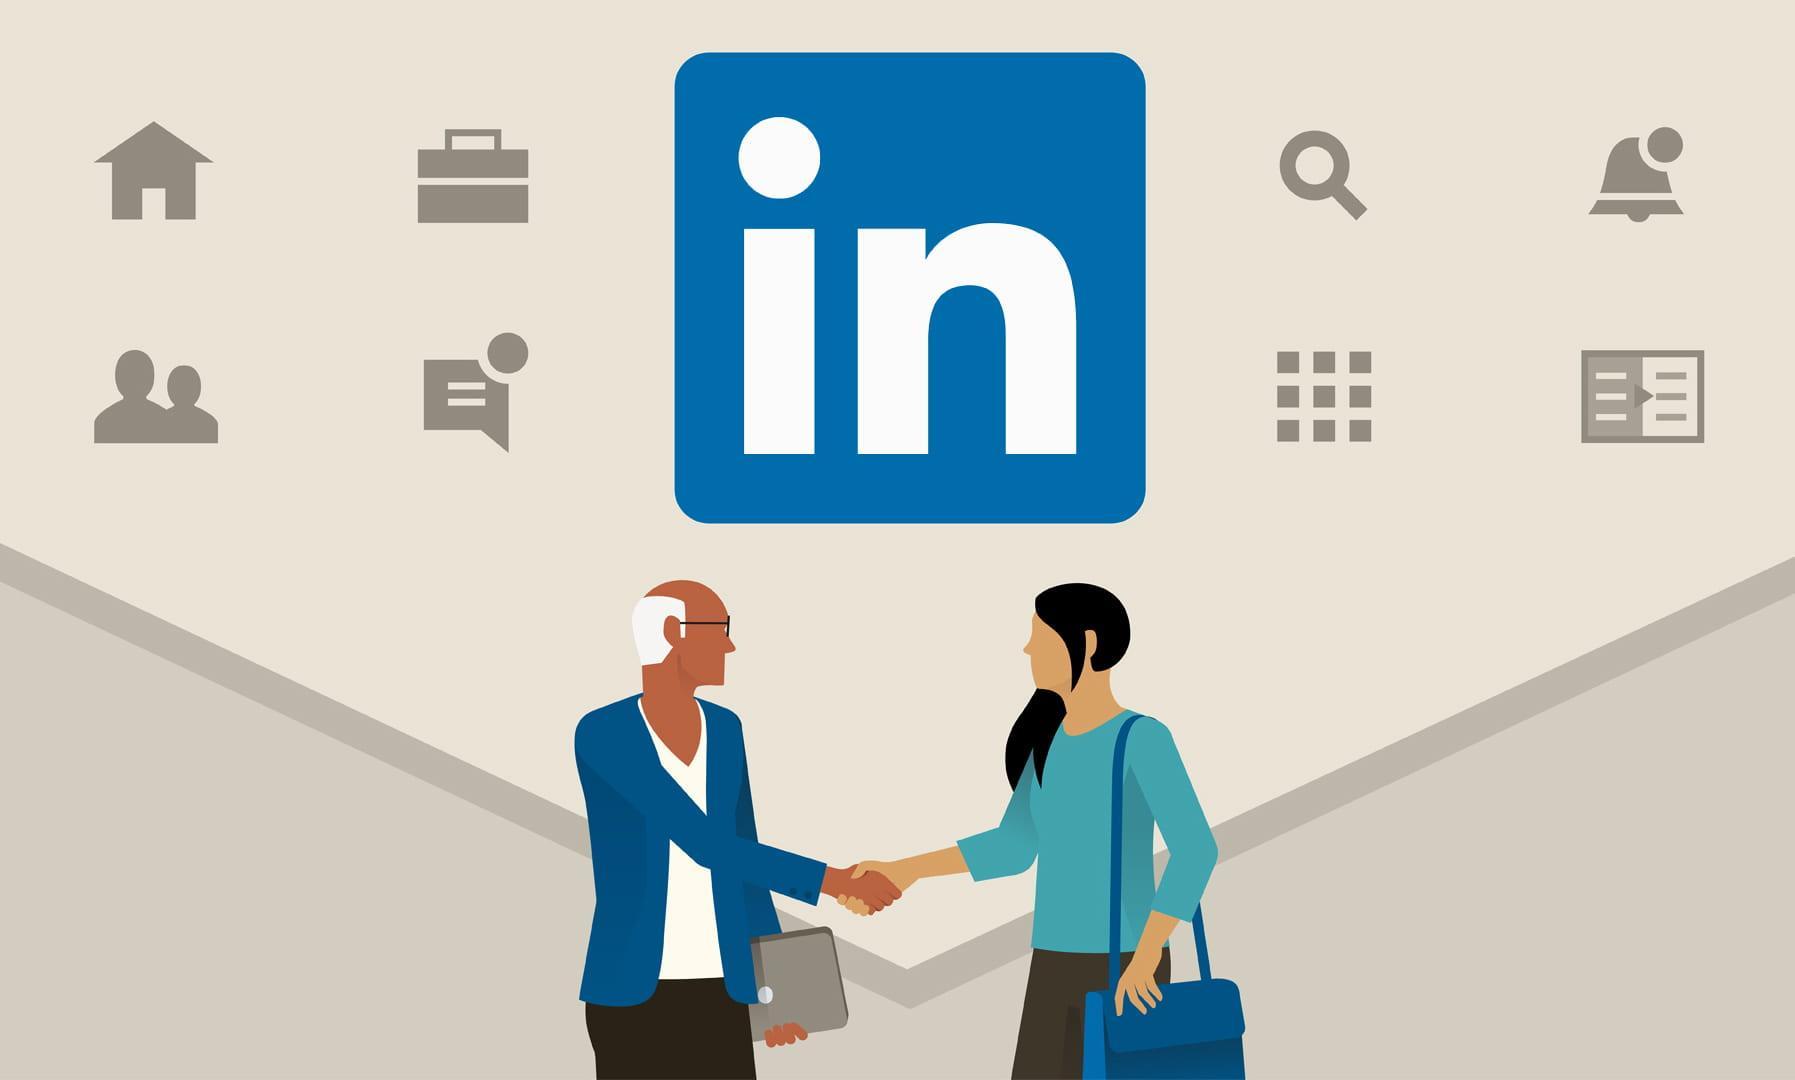 بیشتر دیده شدن در لینکدین - مهم ترین روش ها برای پیدا کردن شغل